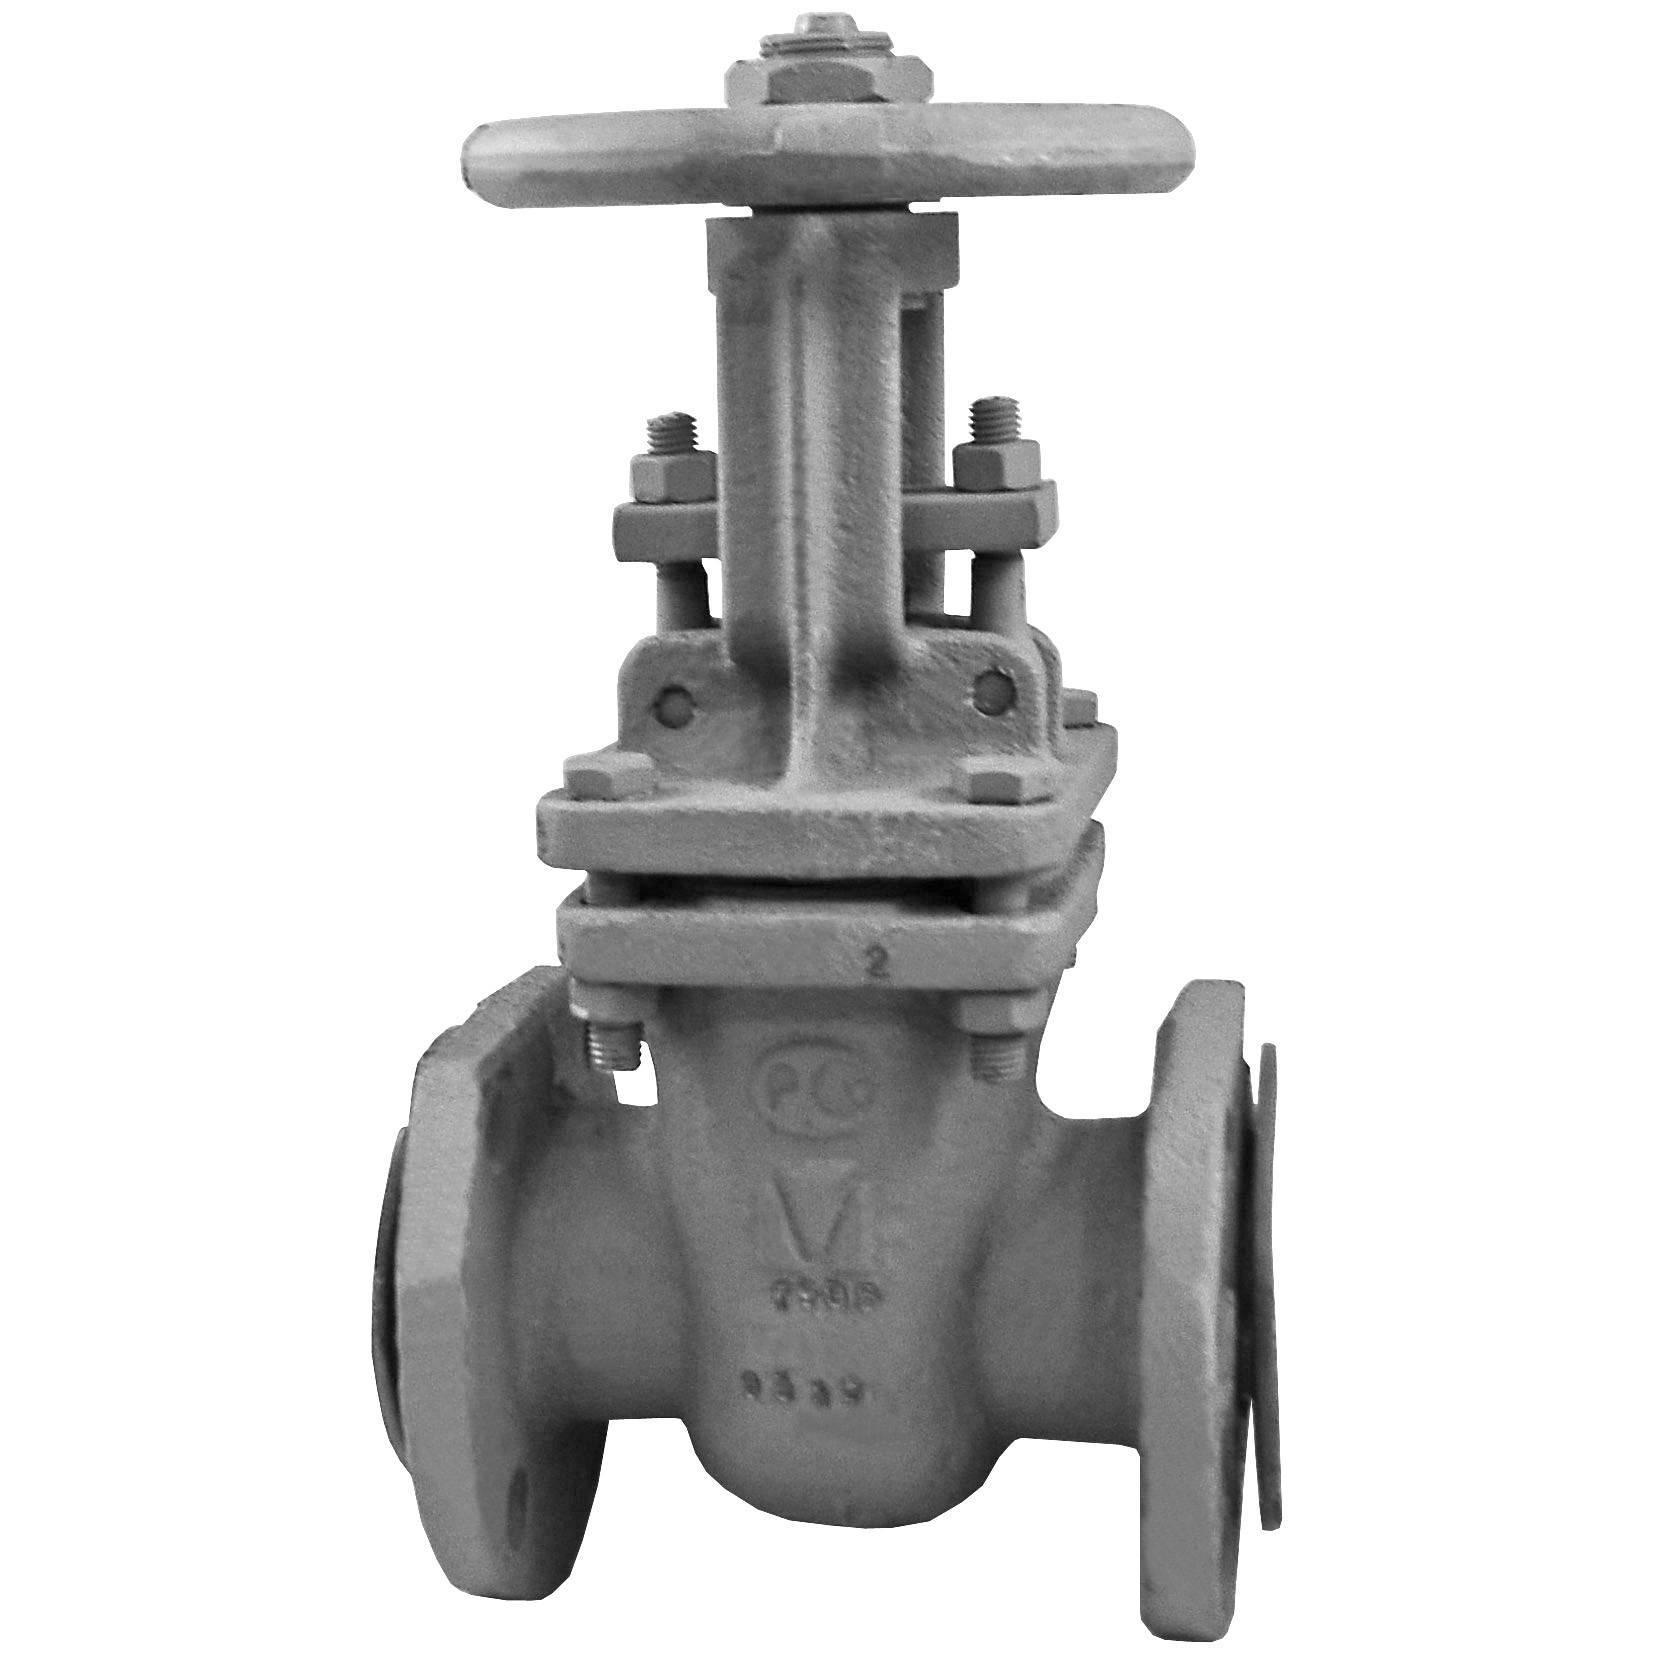 Задвижки для трубопроводов: виды водопроводной арматруры